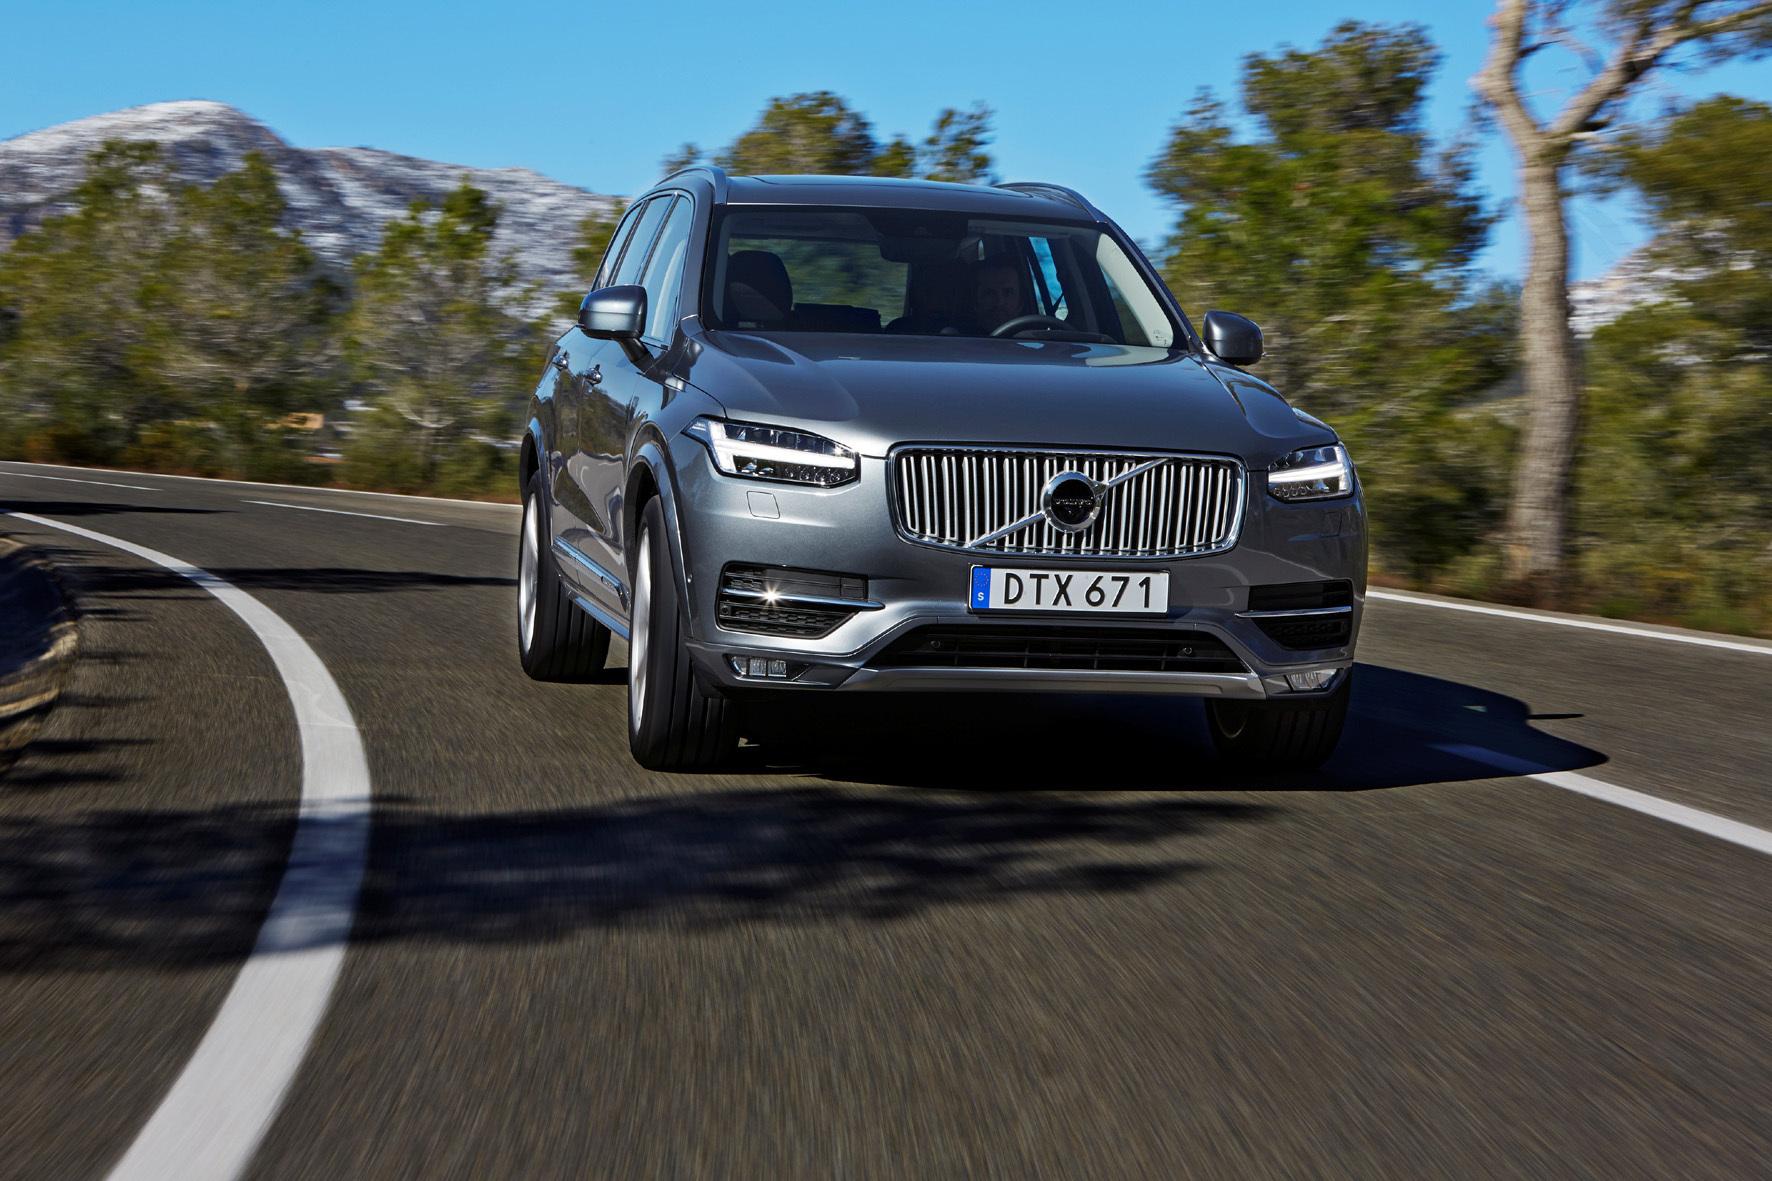 mid Torslanda/Schweden - Schöner gleiten: Mit dem neuen XC90 will Volvo Maßstäbe beim Fahrkomfort setzen. Neben einem neuen Chassis sollen dafür unter anderem eine adaptive Luftfederung und aktive Fahrwerkstechnik sorgen.